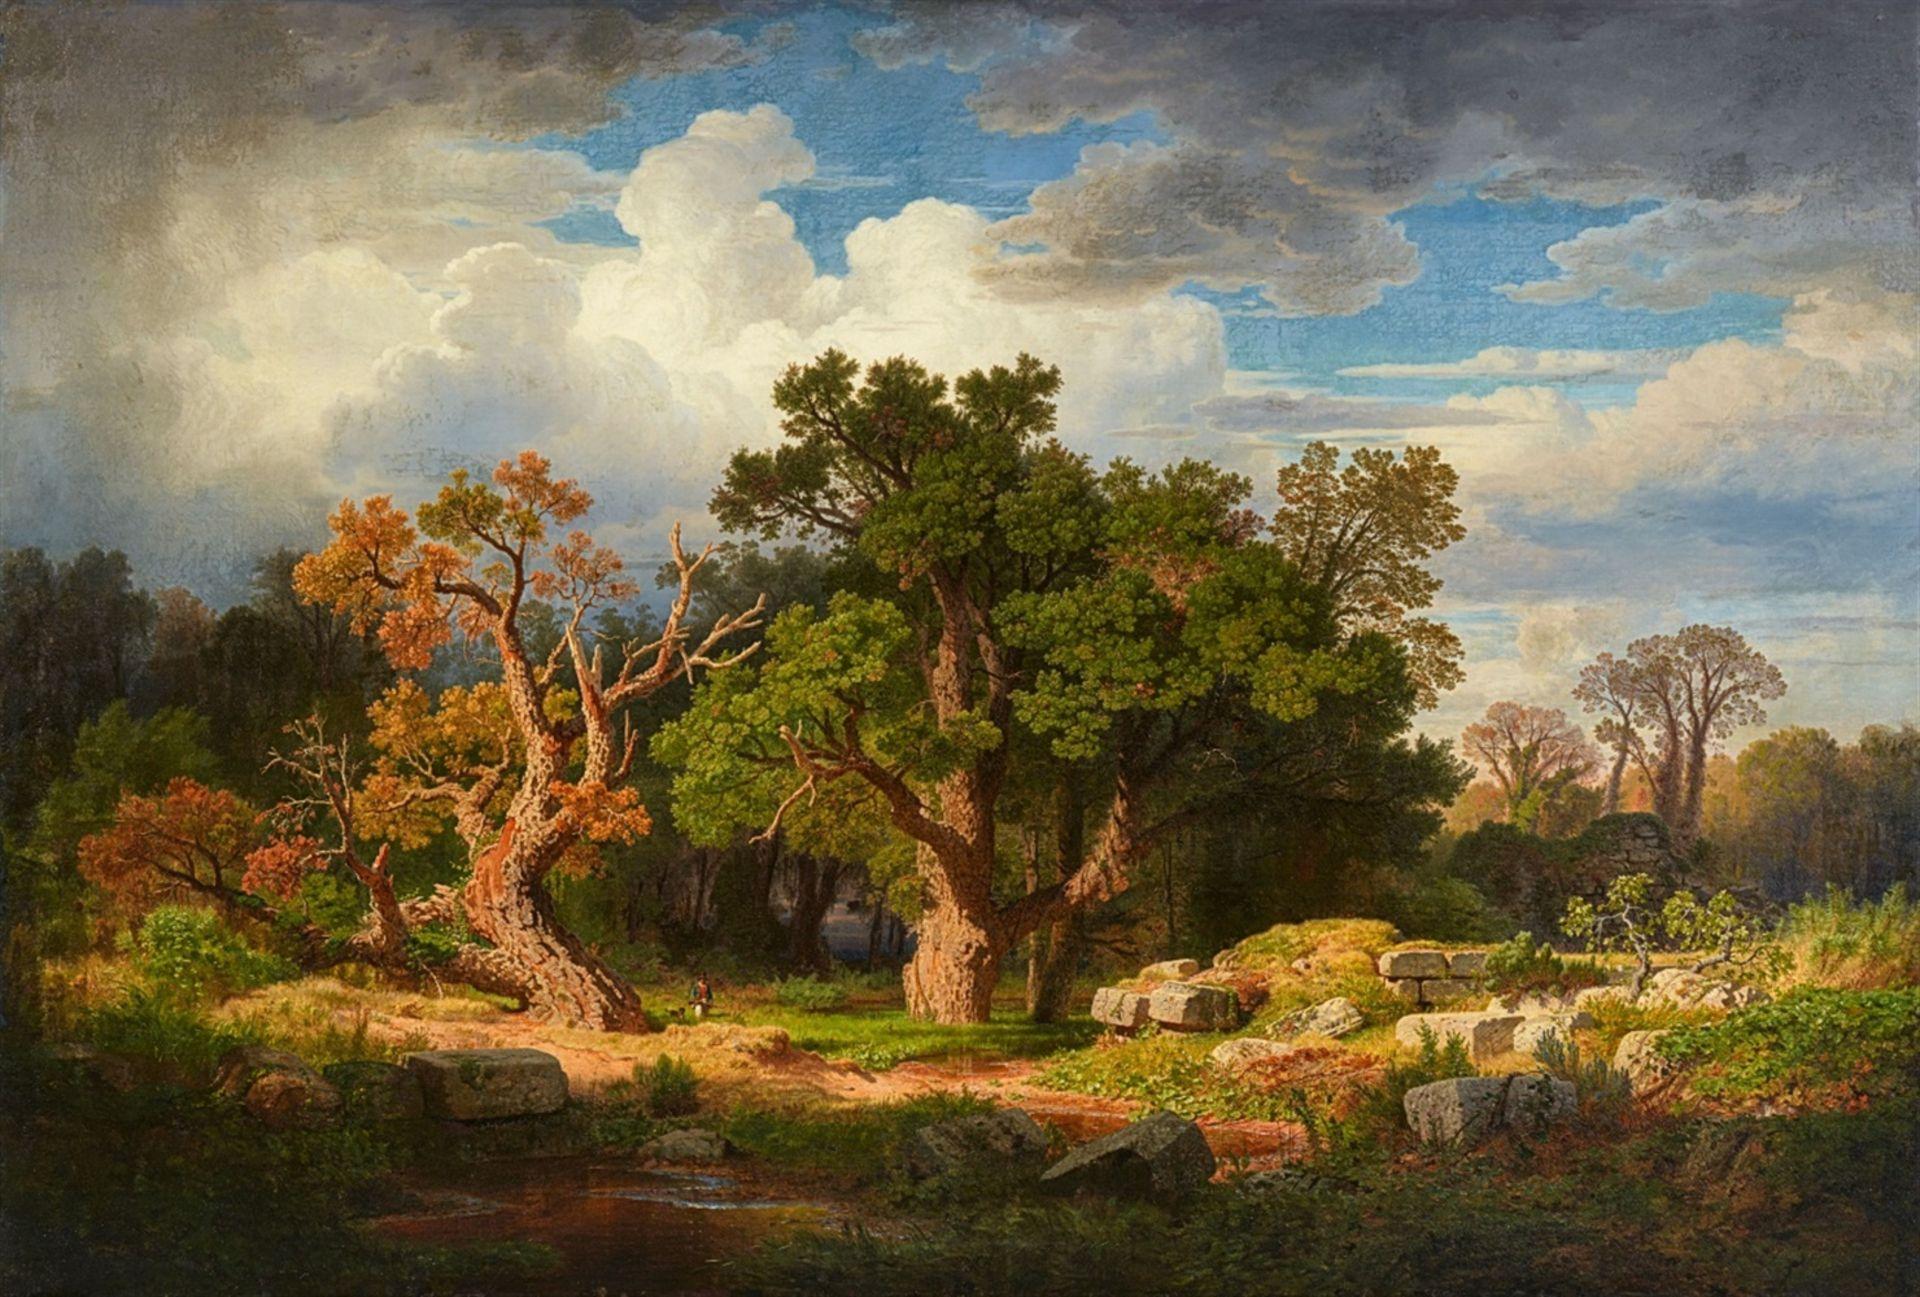 Los 2526 - Andreas AchenbachGroße Landschaft mit KorkeichenÖl auf Leinwand (doubliert). 160 x 234 cm.Signiert